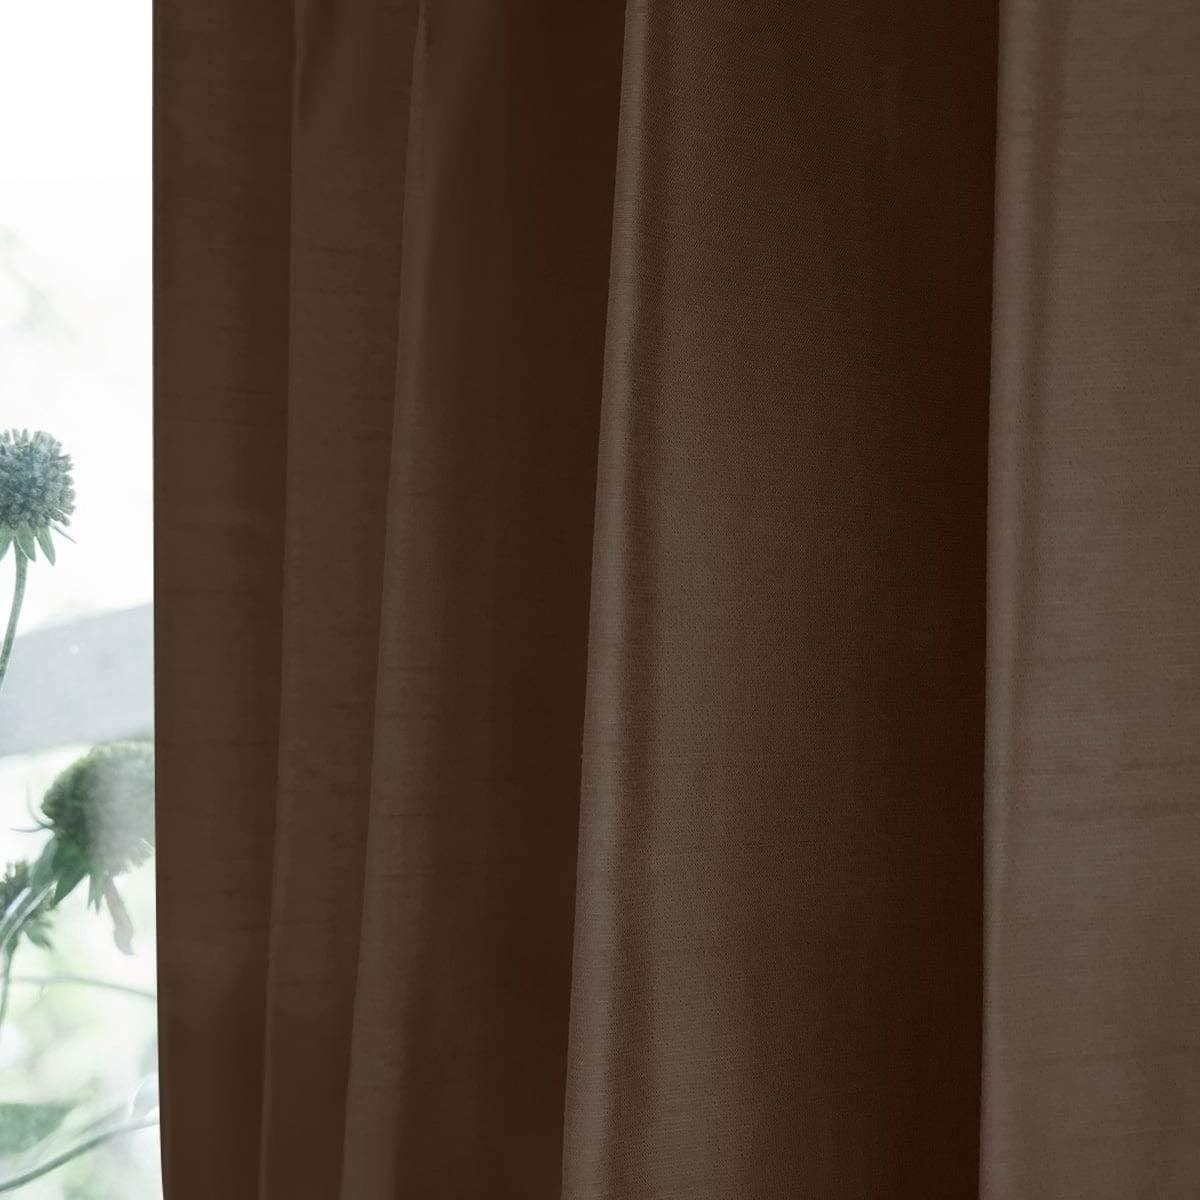 シャイニー/ブラウン 完全遮光 1級遮光 遮熱・断熱 防音 形状記憶加工 ウォッシャブル カーテン 2枚入 / Aフック サイズ(幅×丈):100×178cm kso-024-100-178